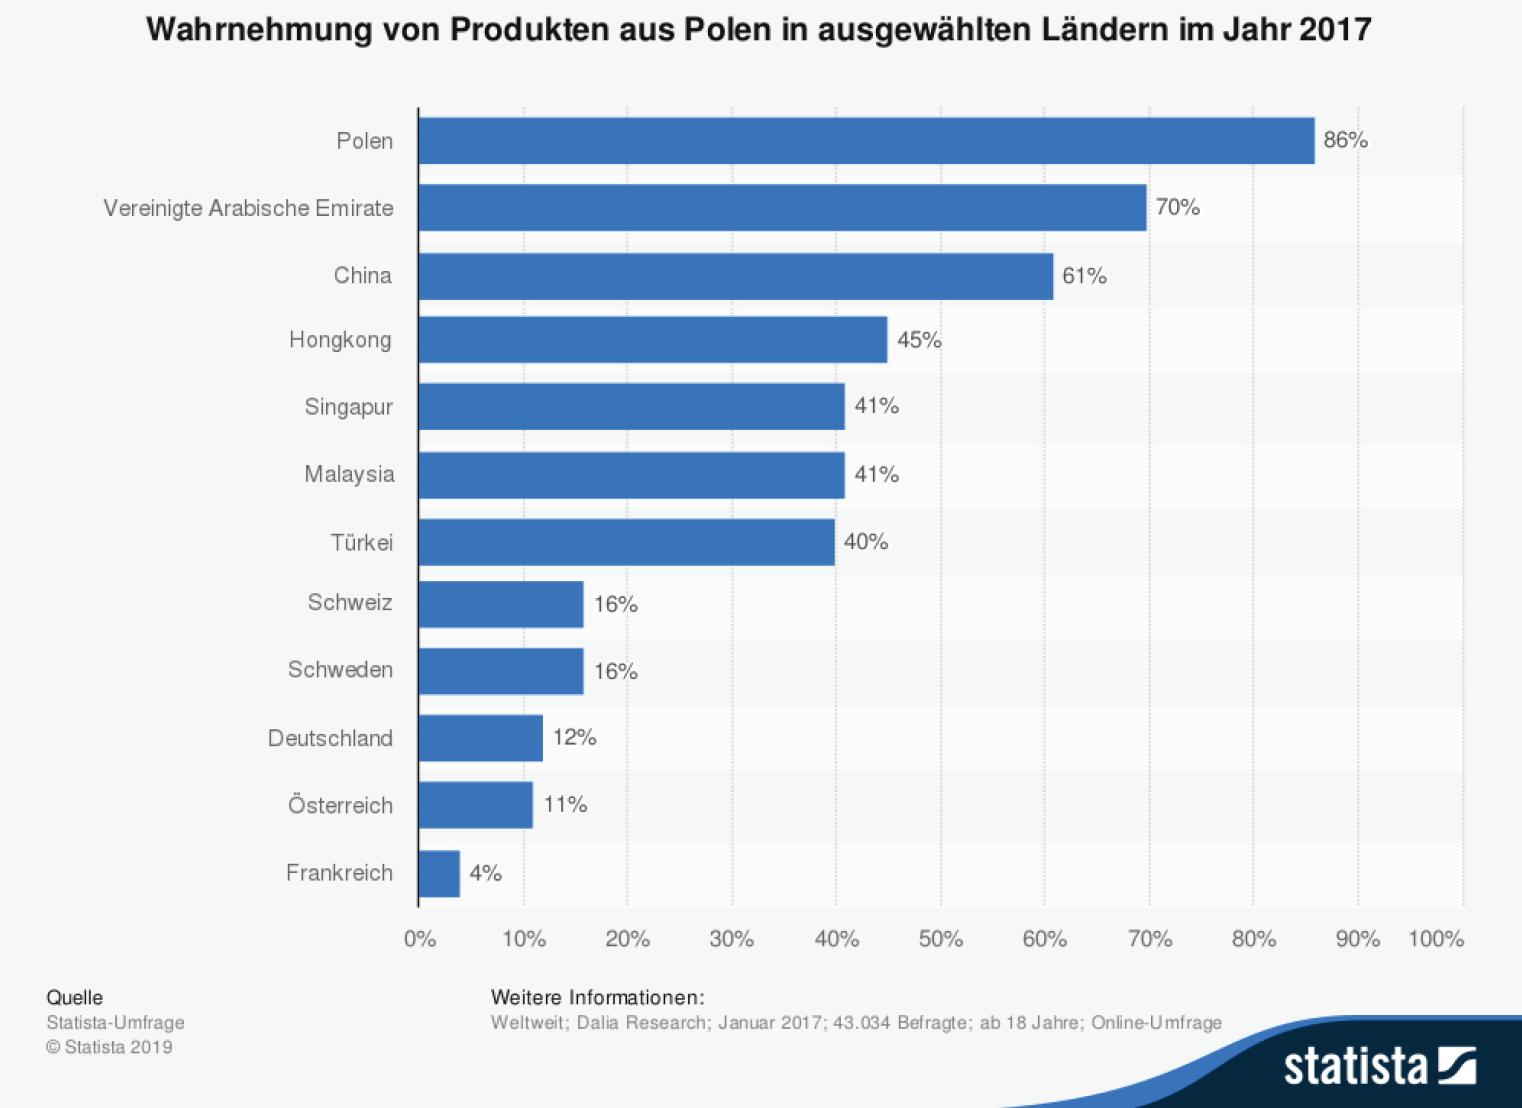 statistic_made-in-country-index_wahrnehmung-von-produkten-aus-polen-nach-laendern-2017-1